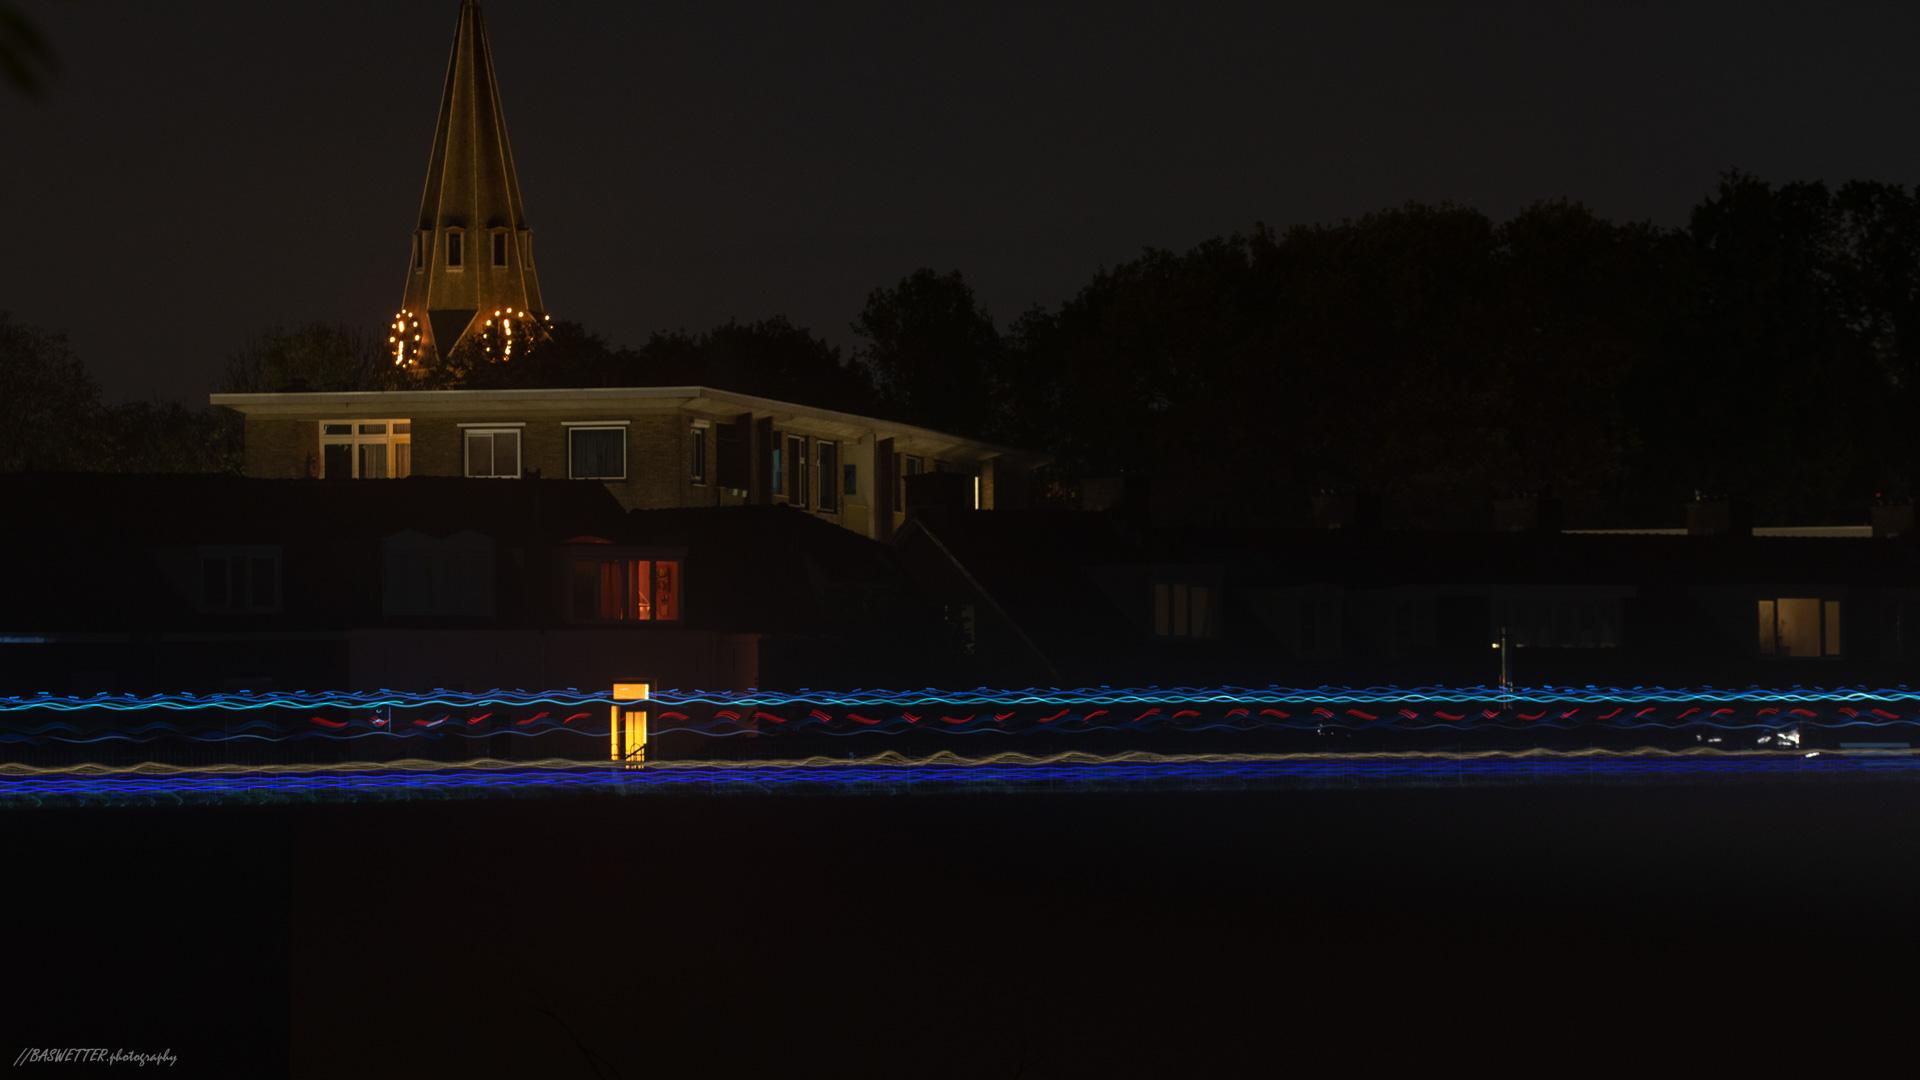 Hardloopwedstrijd 'Bergrace by night' van Wageningen naar Rhenen